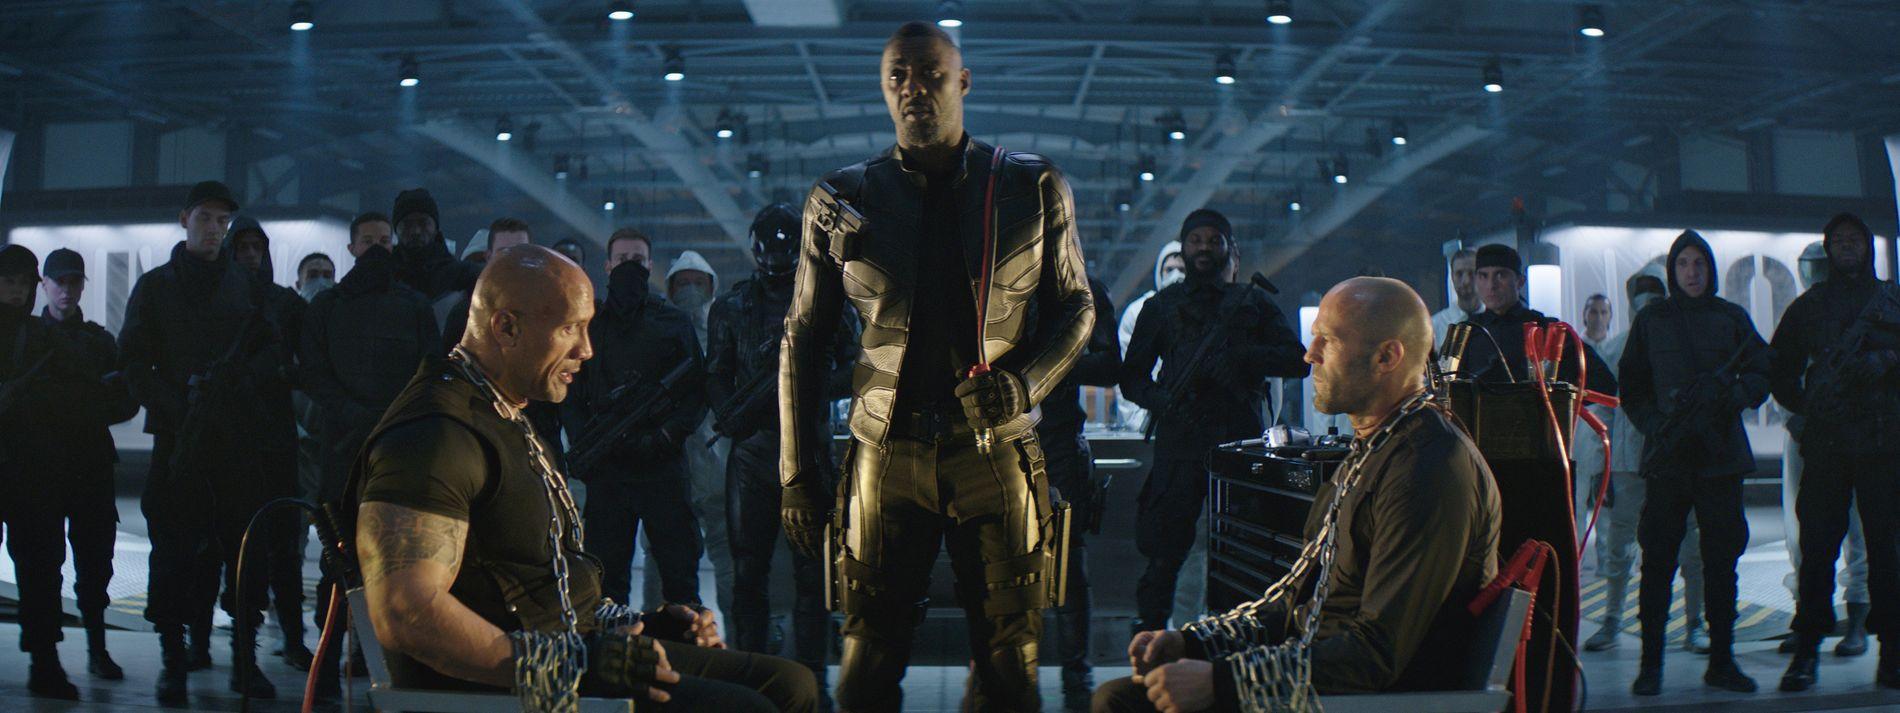 SÅNN GÅR DET NÅR DERE IKKE VIL VÆRE VENNER: Dwayne Johnson (til venstre) og Jason Statham (til høyre) avhøres av Idris Elba (i midten) i «Fast & Furious: Hobbs & Shaw».